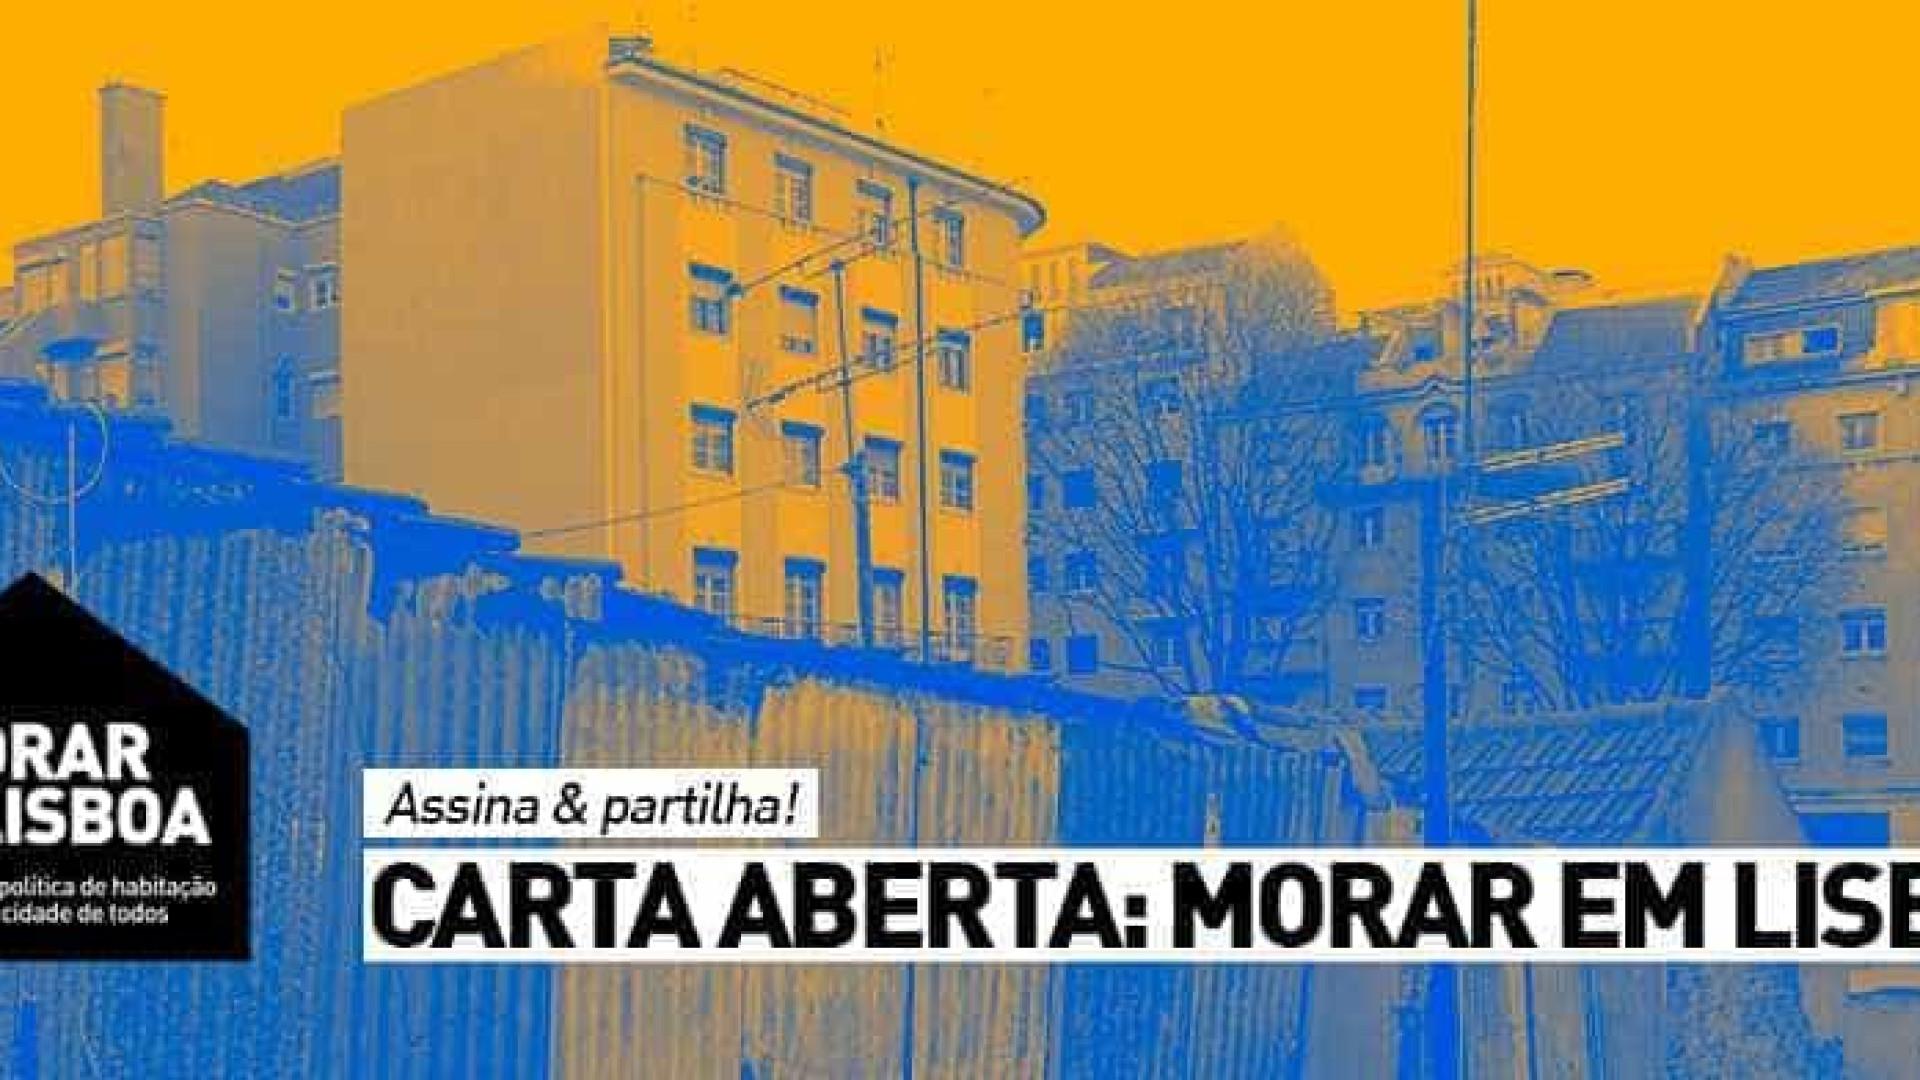 Uma petição que pede mudanças para quem mora em Lisboa